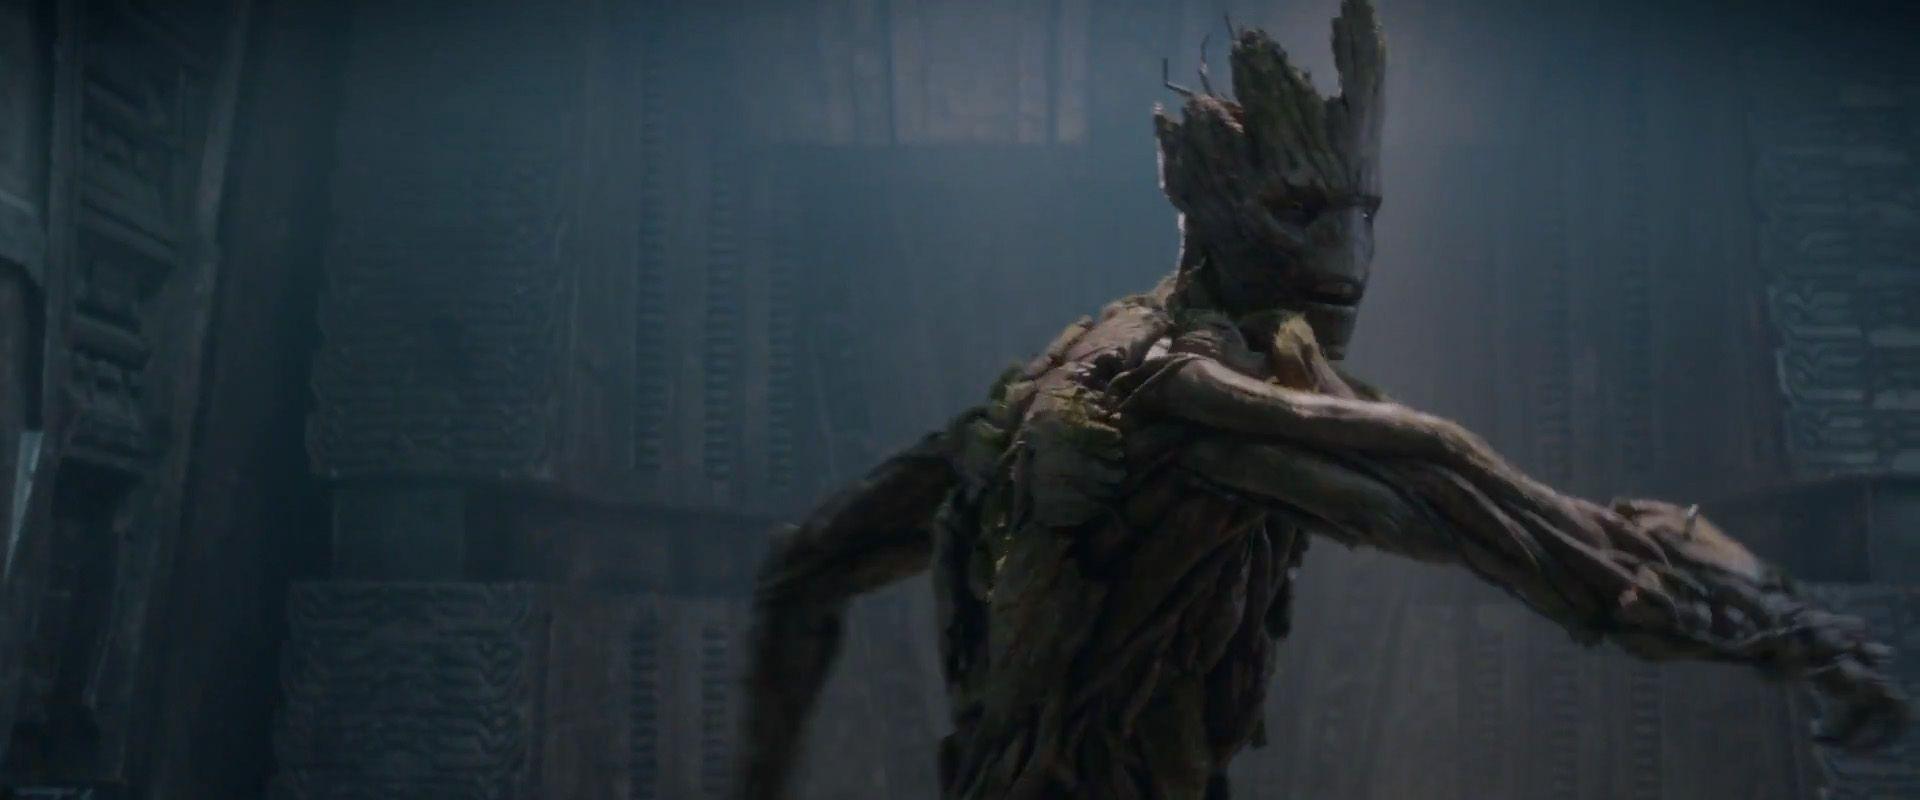 Baby Groot Wallpaper HD - WallpaperSafari